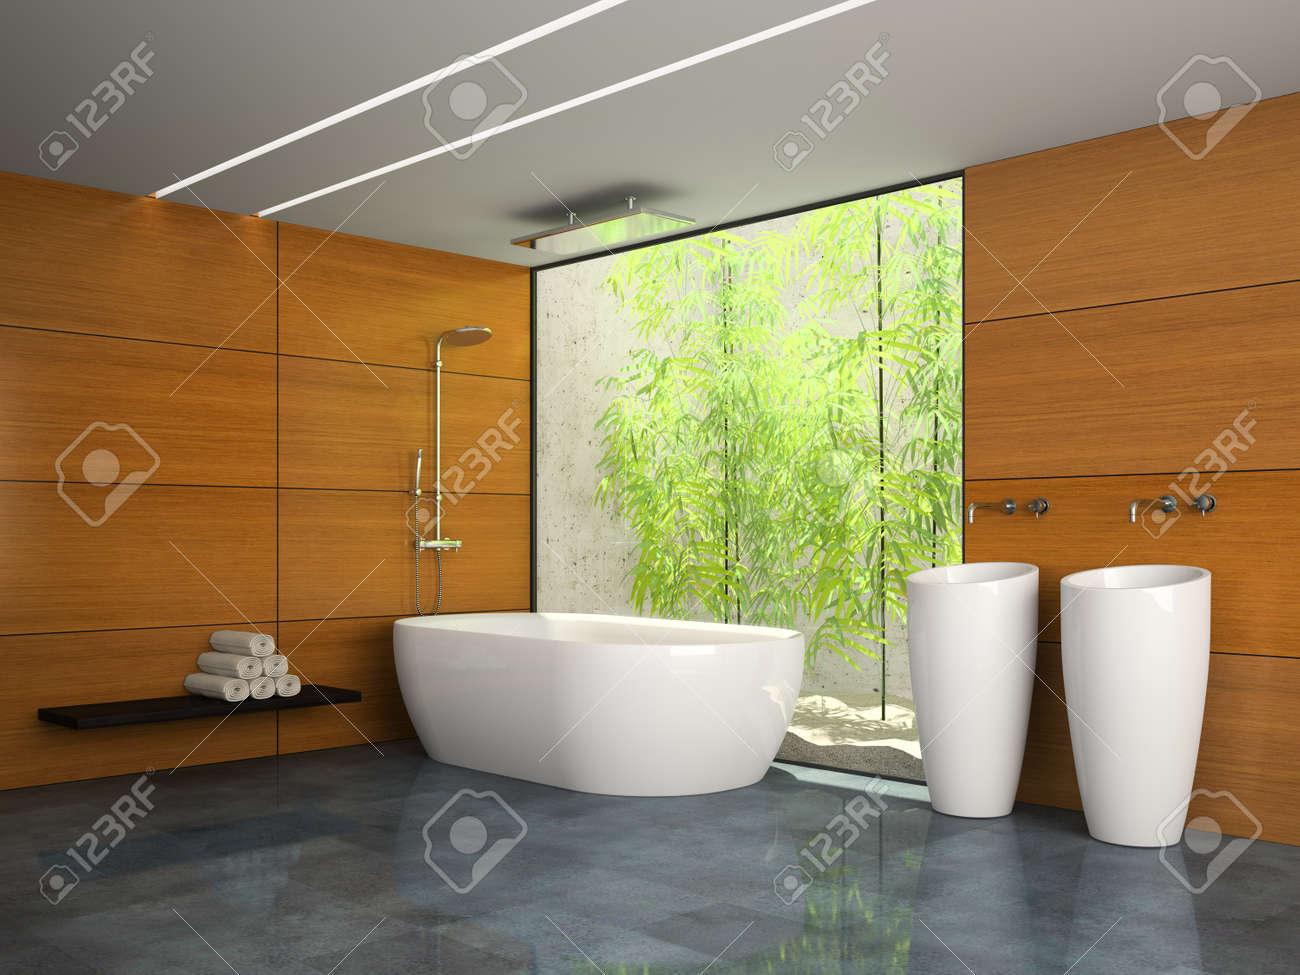 Salle De Bain Avec Bois intérieur de la salle de bain avec mur en bois rendu 3d